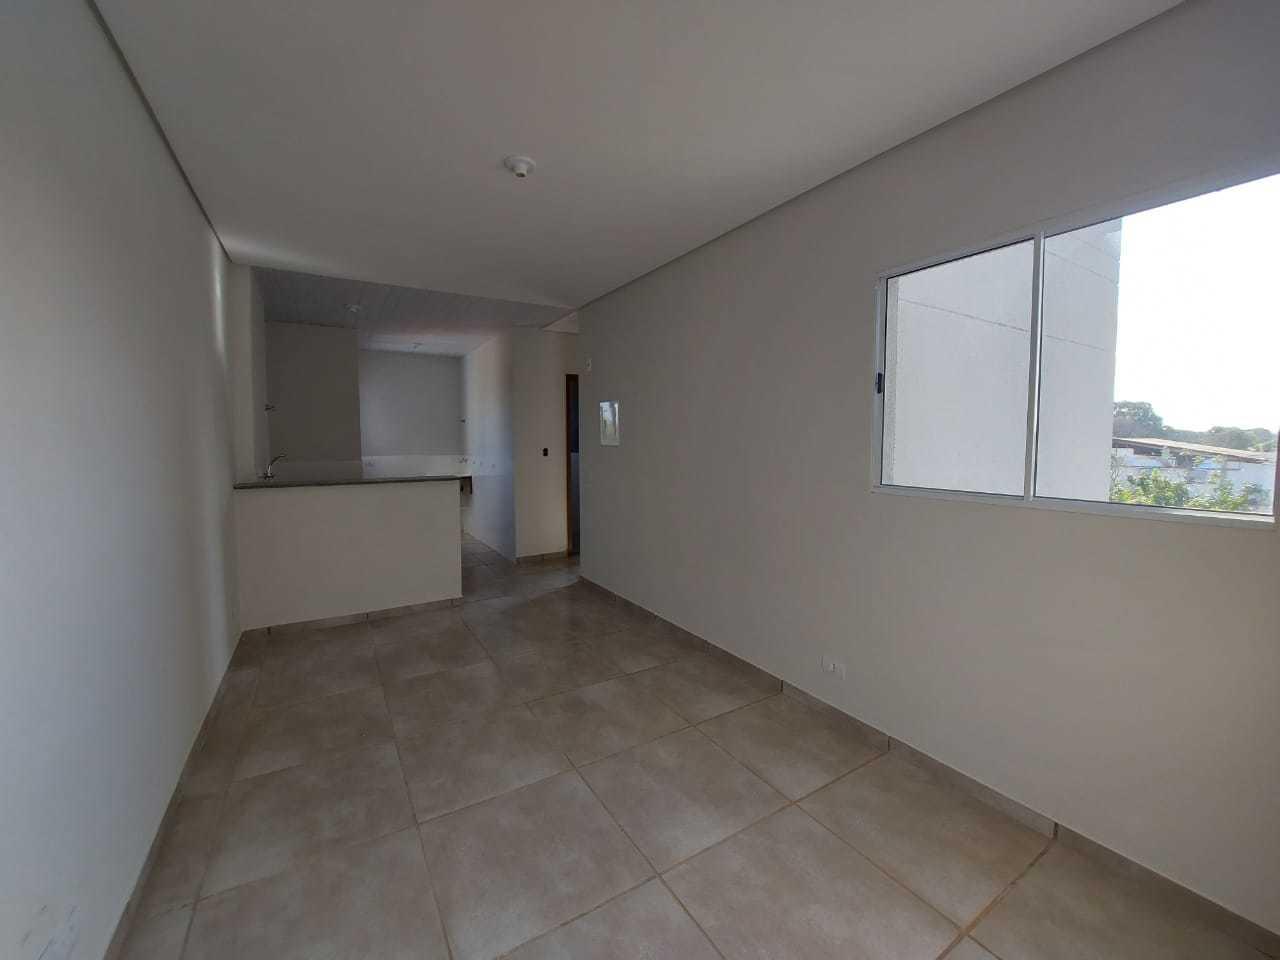 Visão da sala, apartamento tem claridade. (Foto: Divulgação)